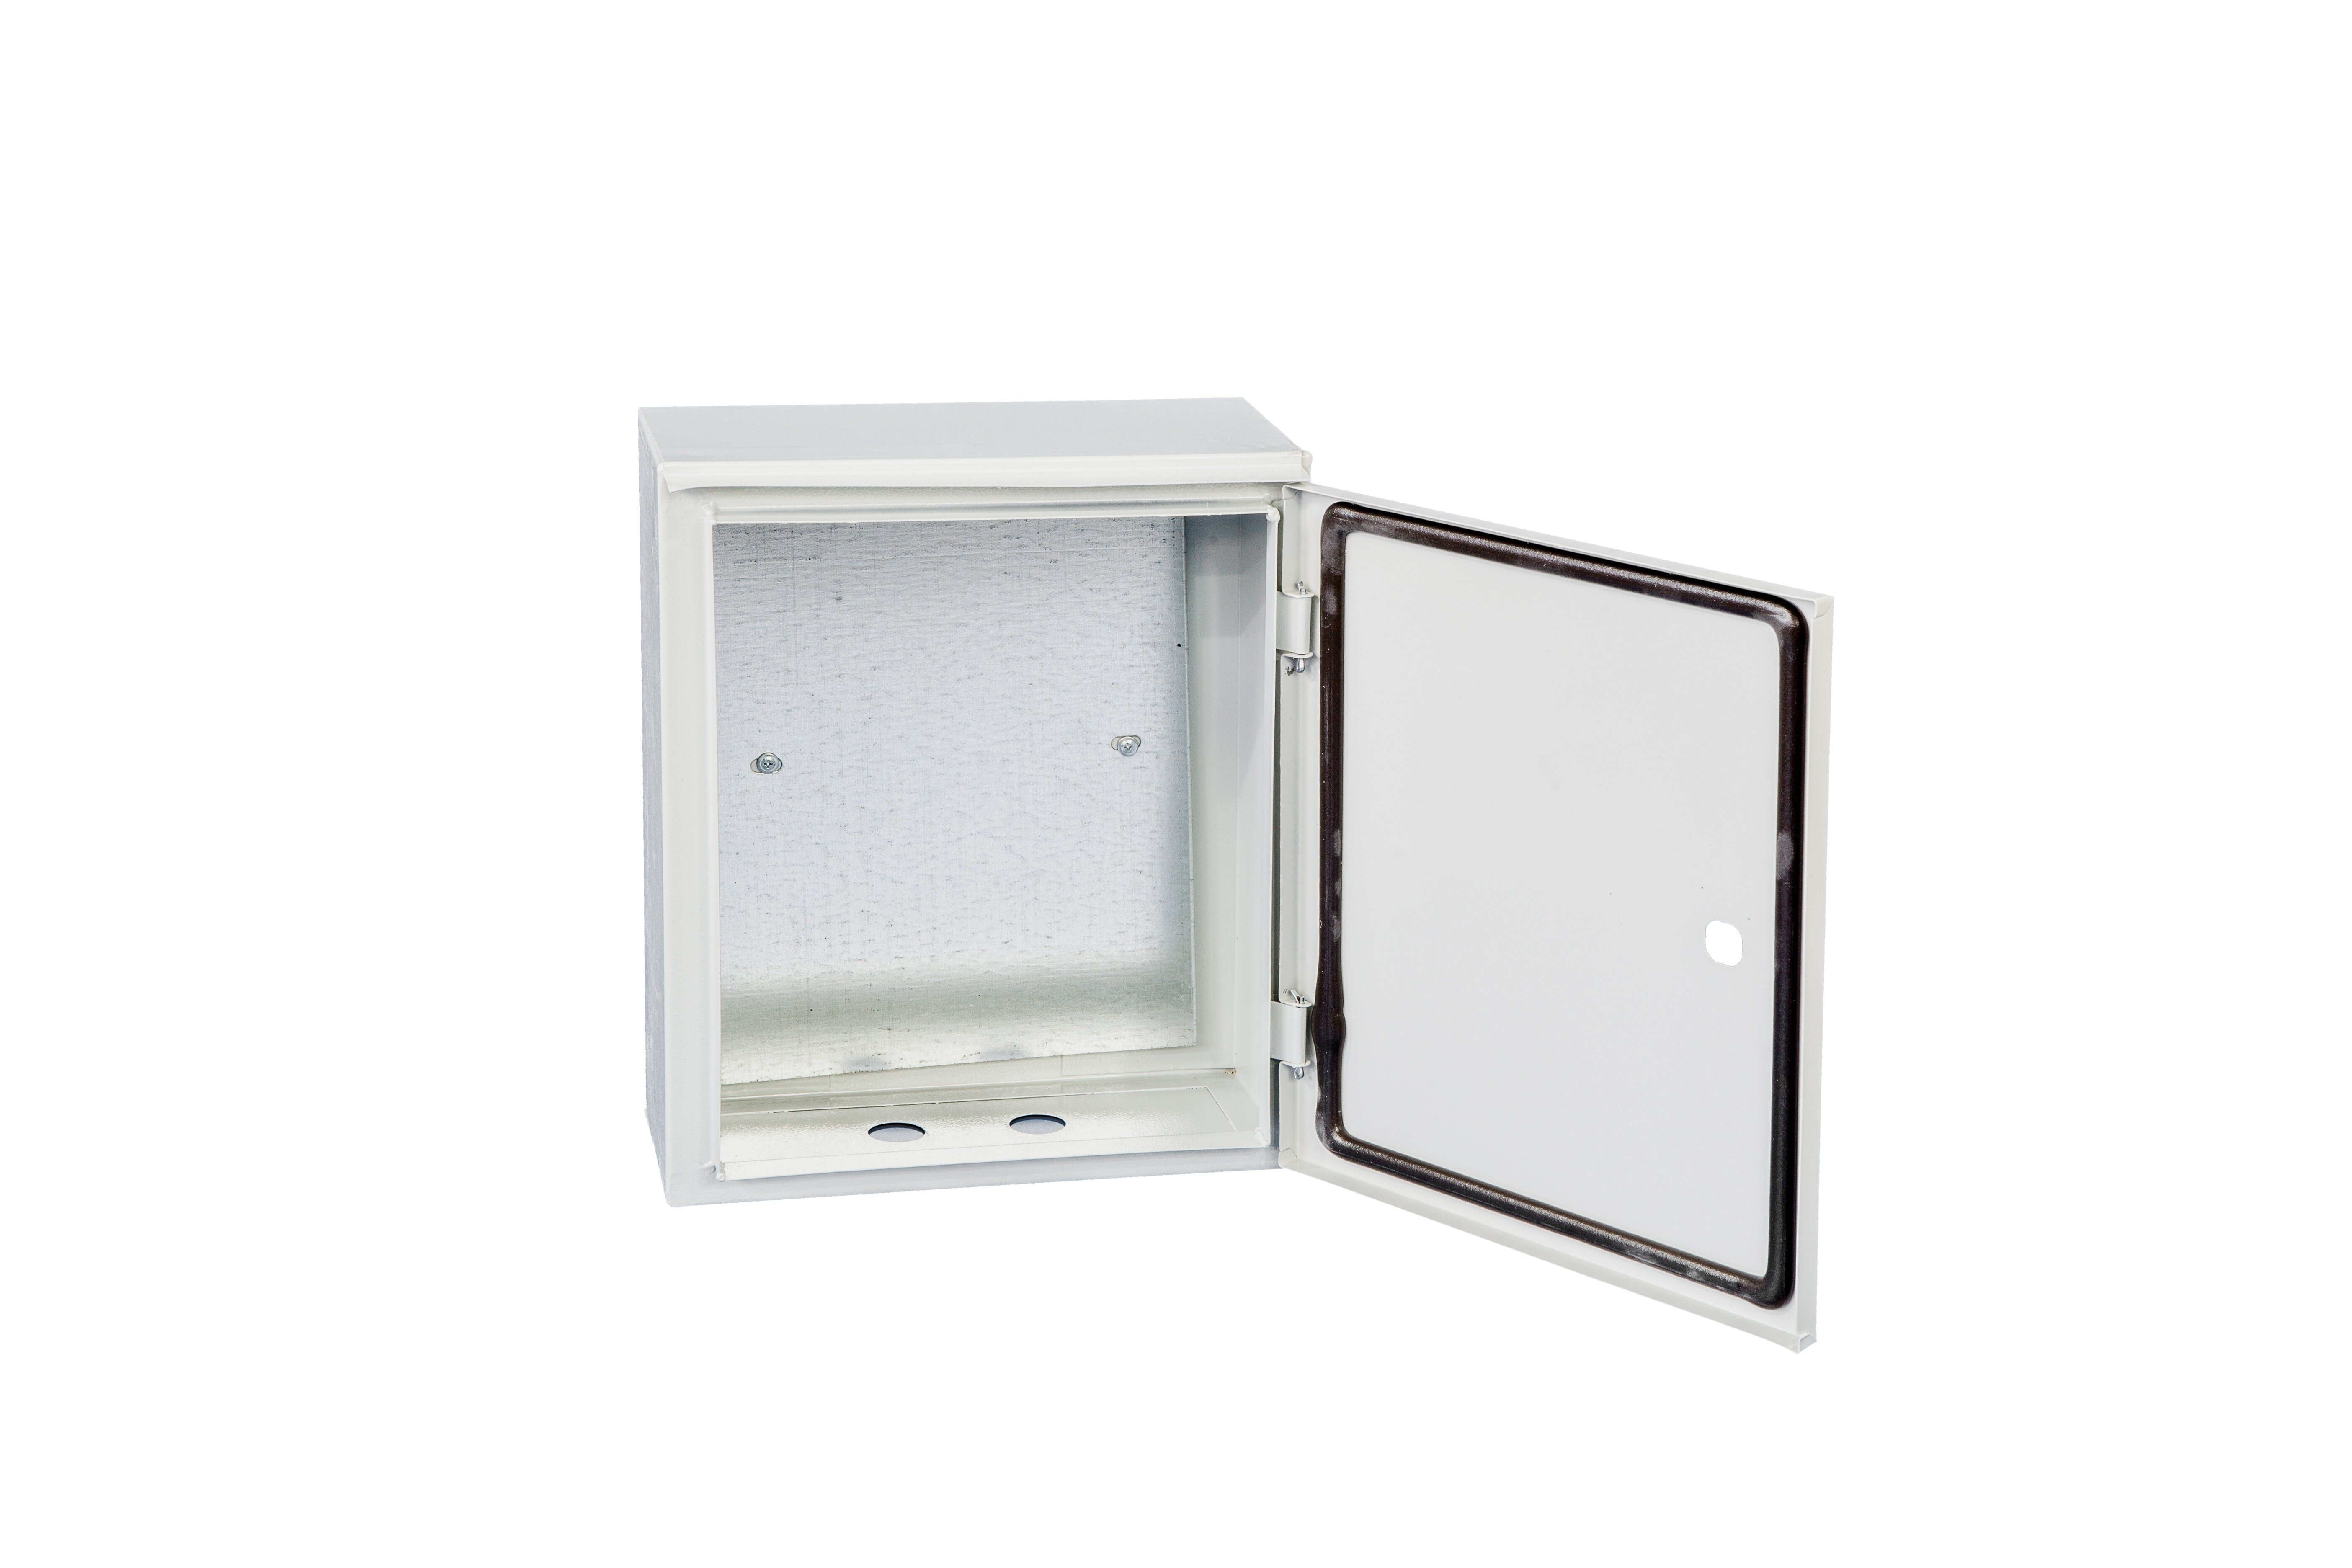 IP54 Щит монтажный пустой с монтажной панелью герметичный (щмпмг) (ЩМПМг-09), 800х600х220